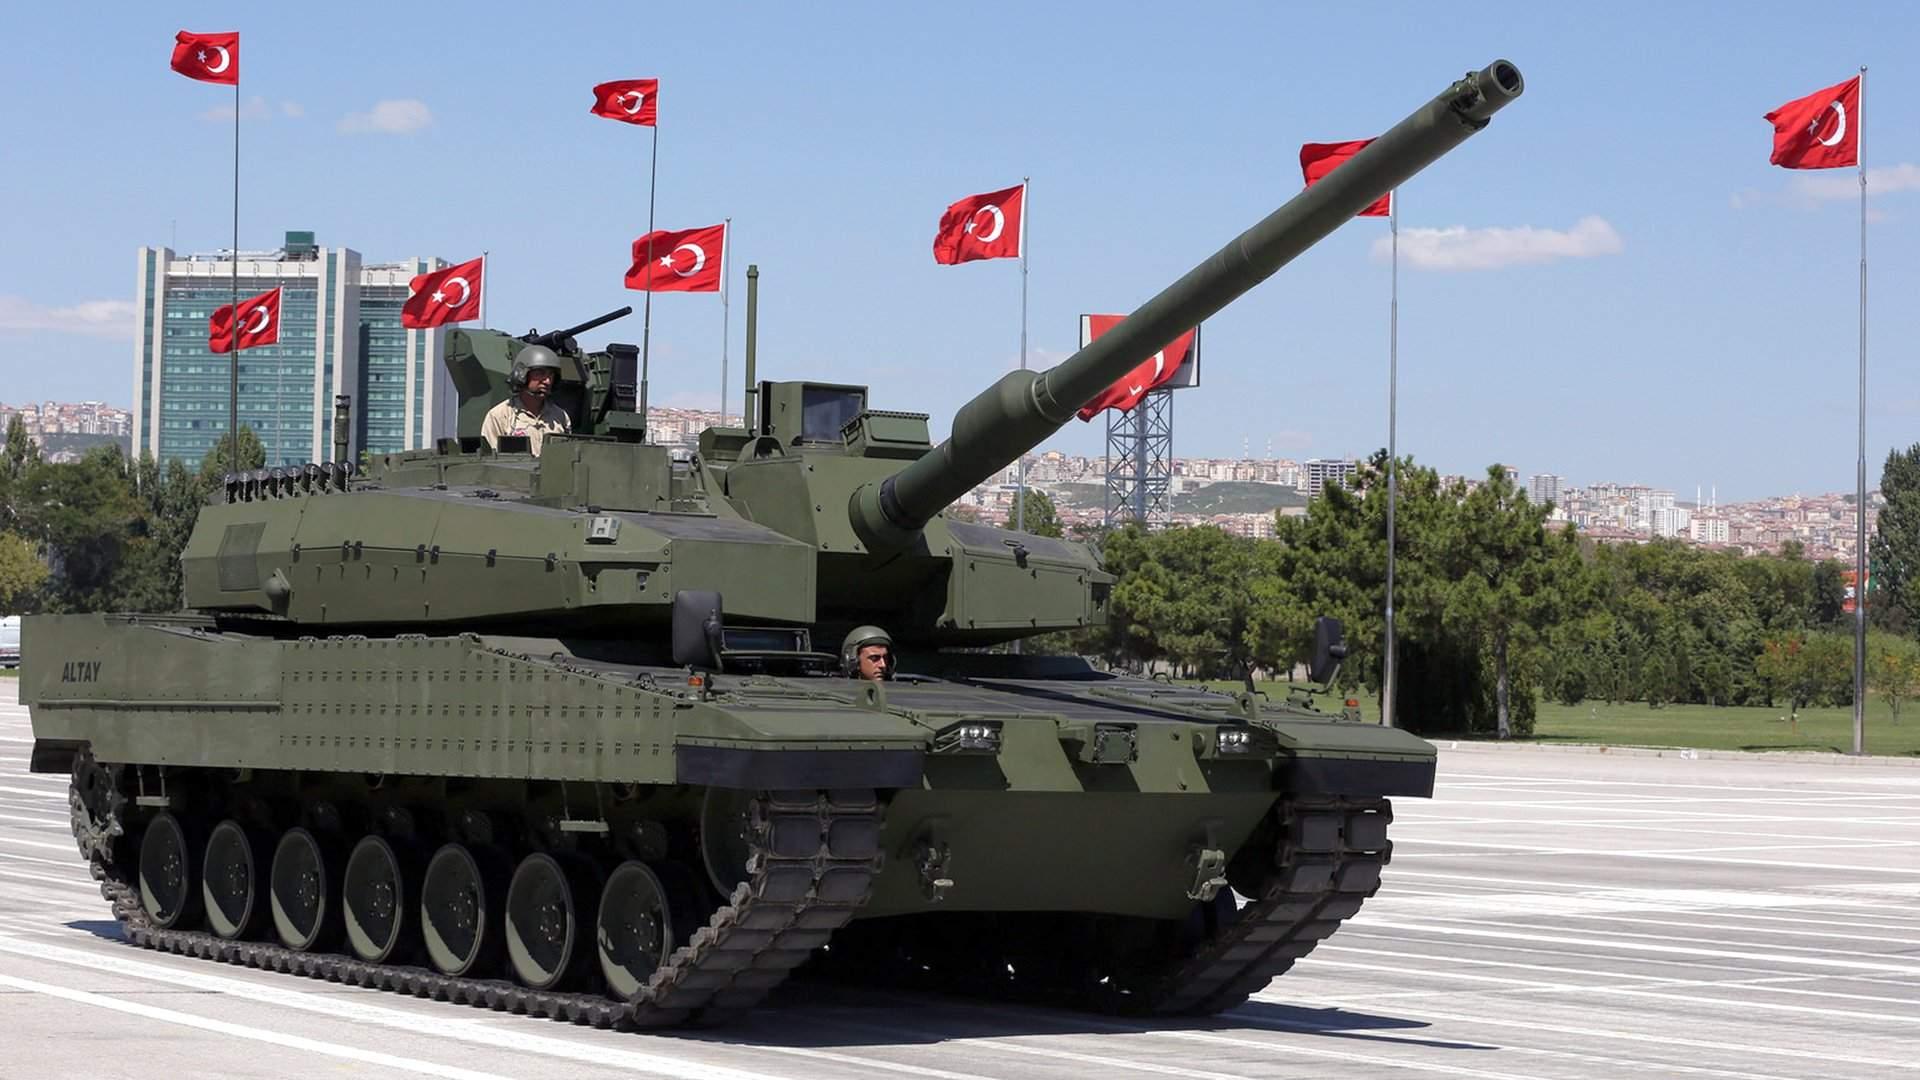 Да будет танк: Турция запускает «Алтай» в серийное производство | Статьи |  Известия